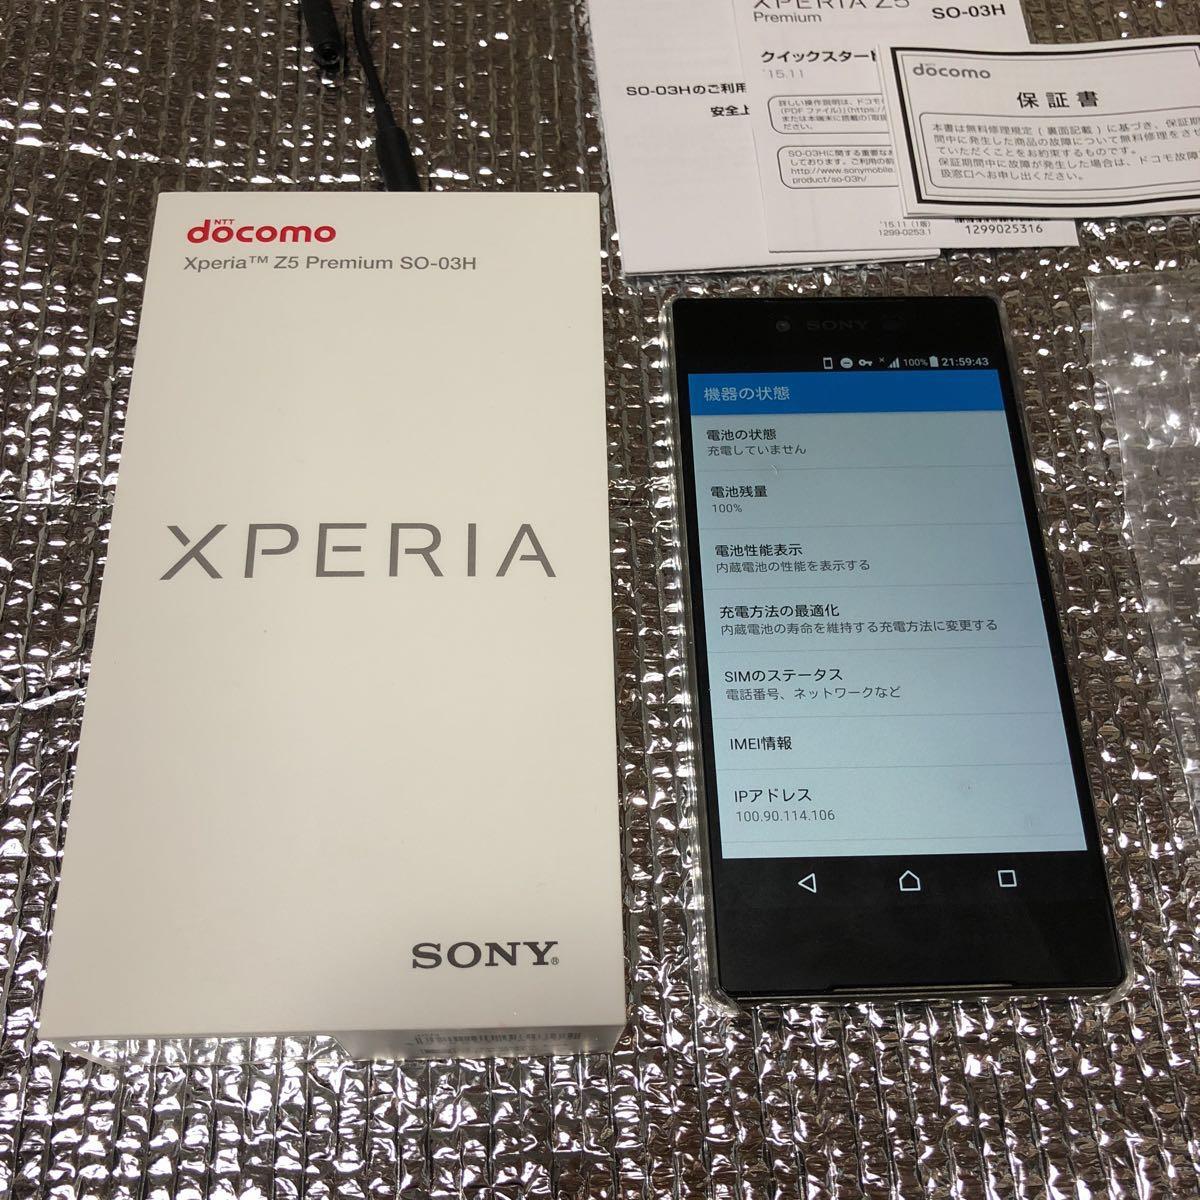 【1円 中古】 ソニー SONY xperia z5 premium SO-03H chrome 銀色 32GB docomo 一部格安sim使用可 android スマートフォン おまけ付き